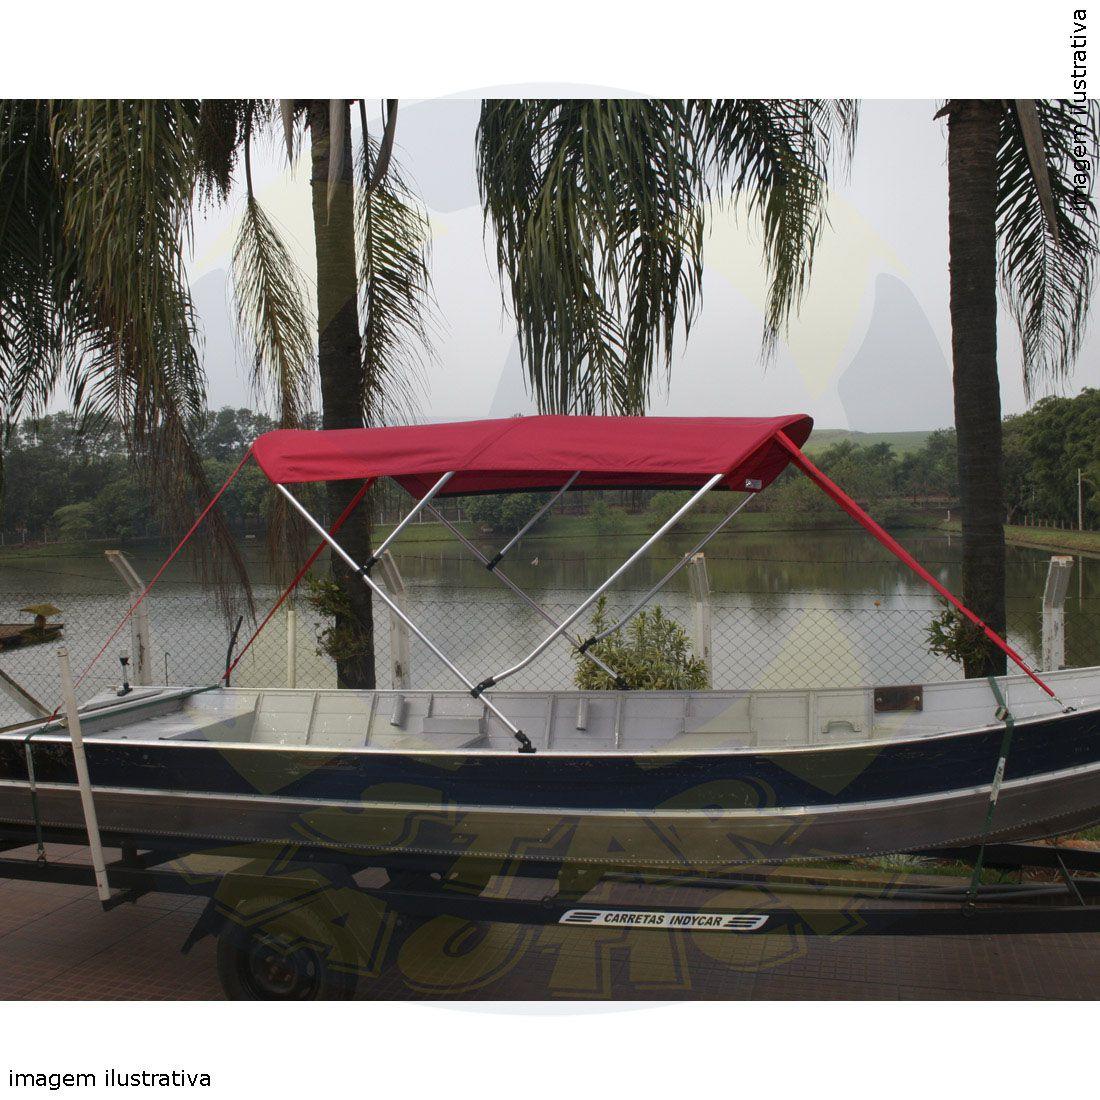 Capota Toldo Barco Tupi 600 Vinílica 3 Arcos Tubo 1 1/4